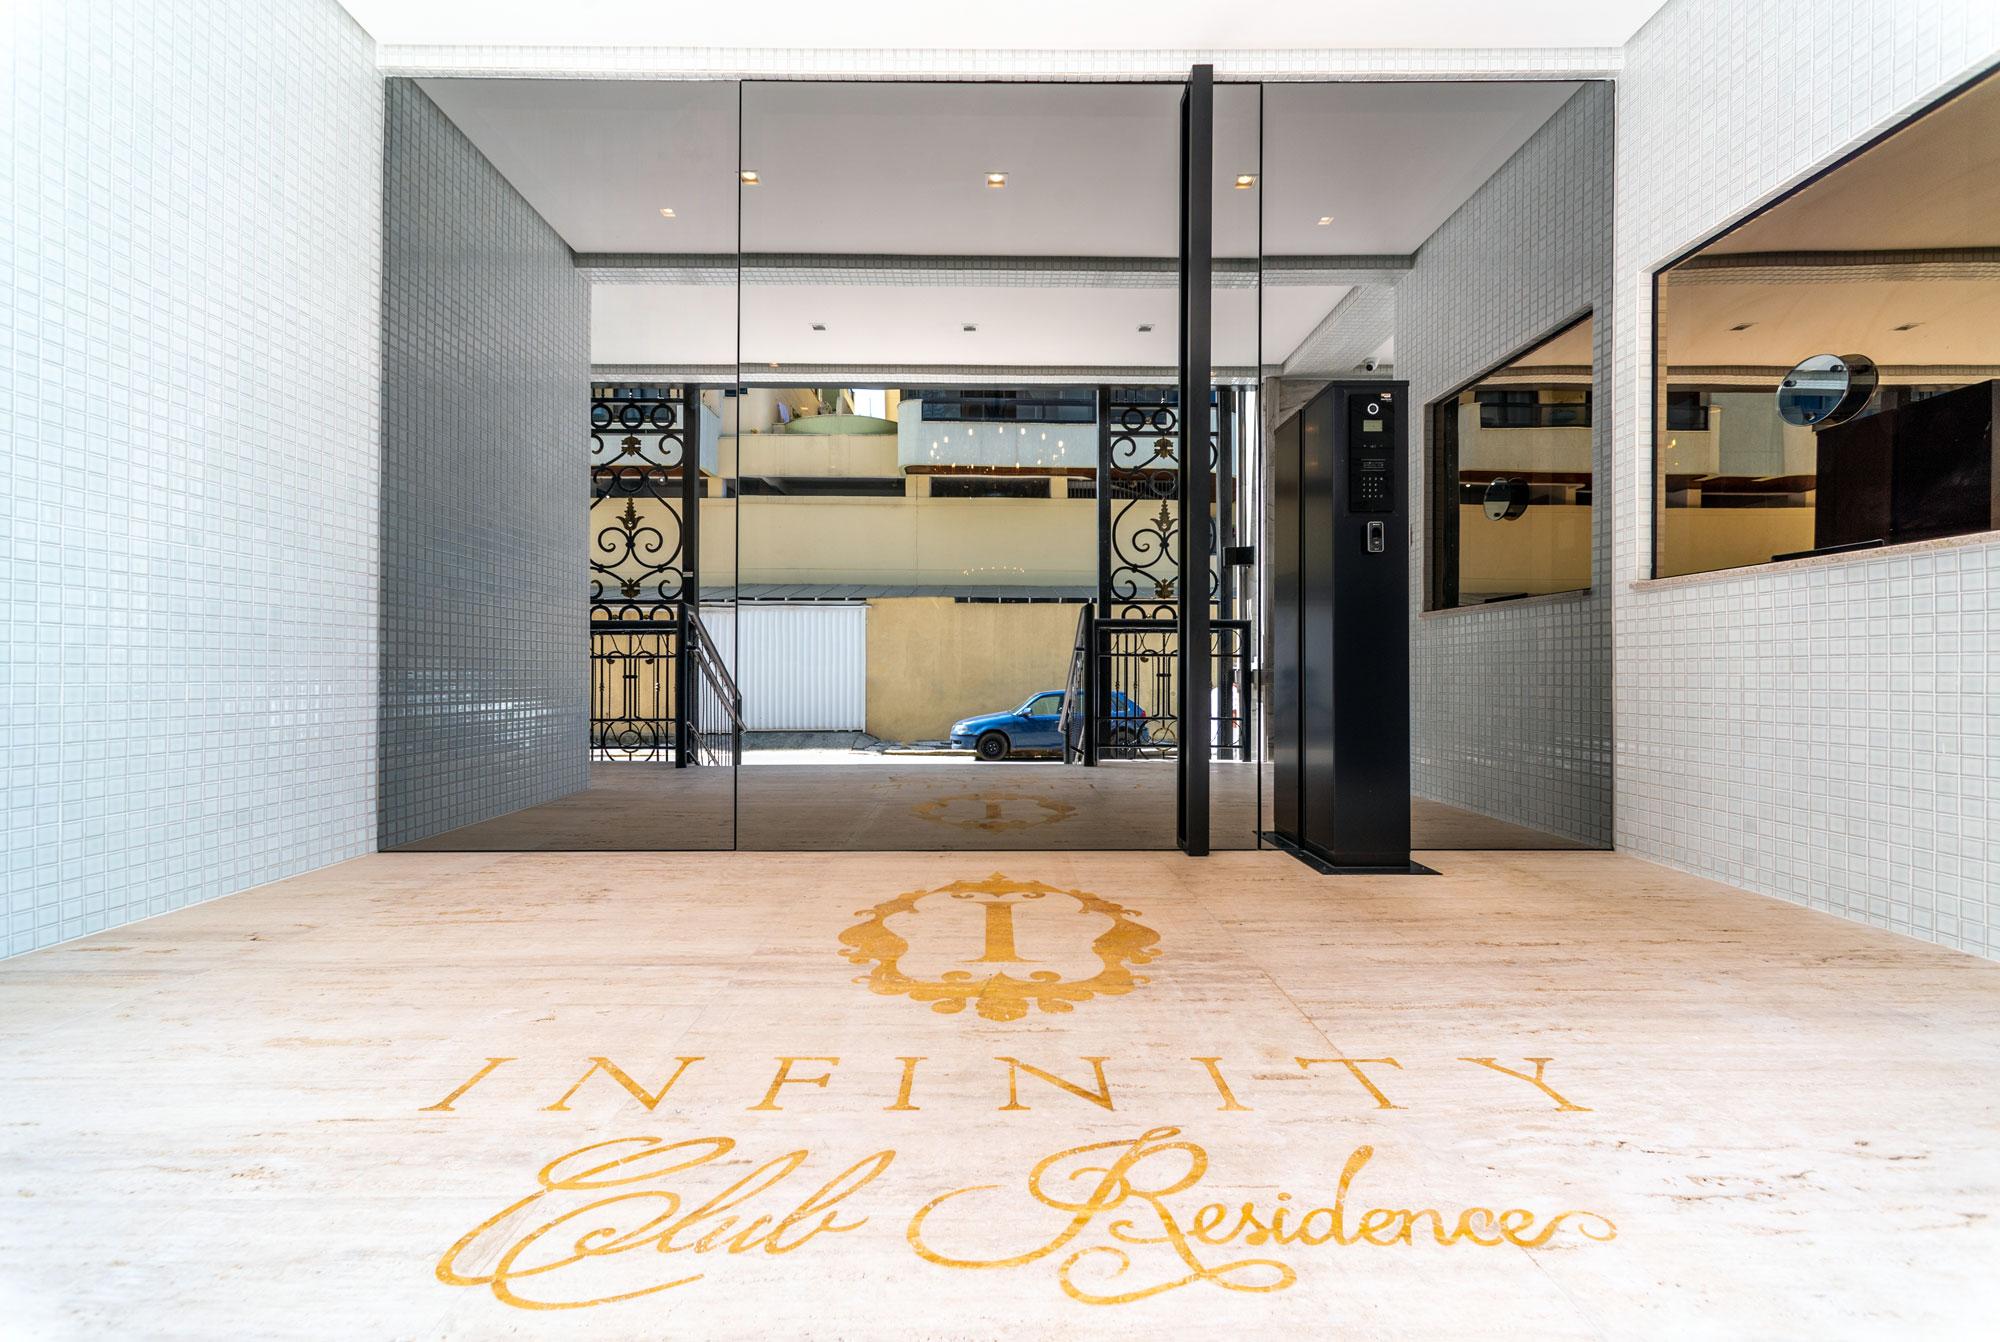 Infinity Club  - Infinity Residence Gabriela Herde 14 1 63